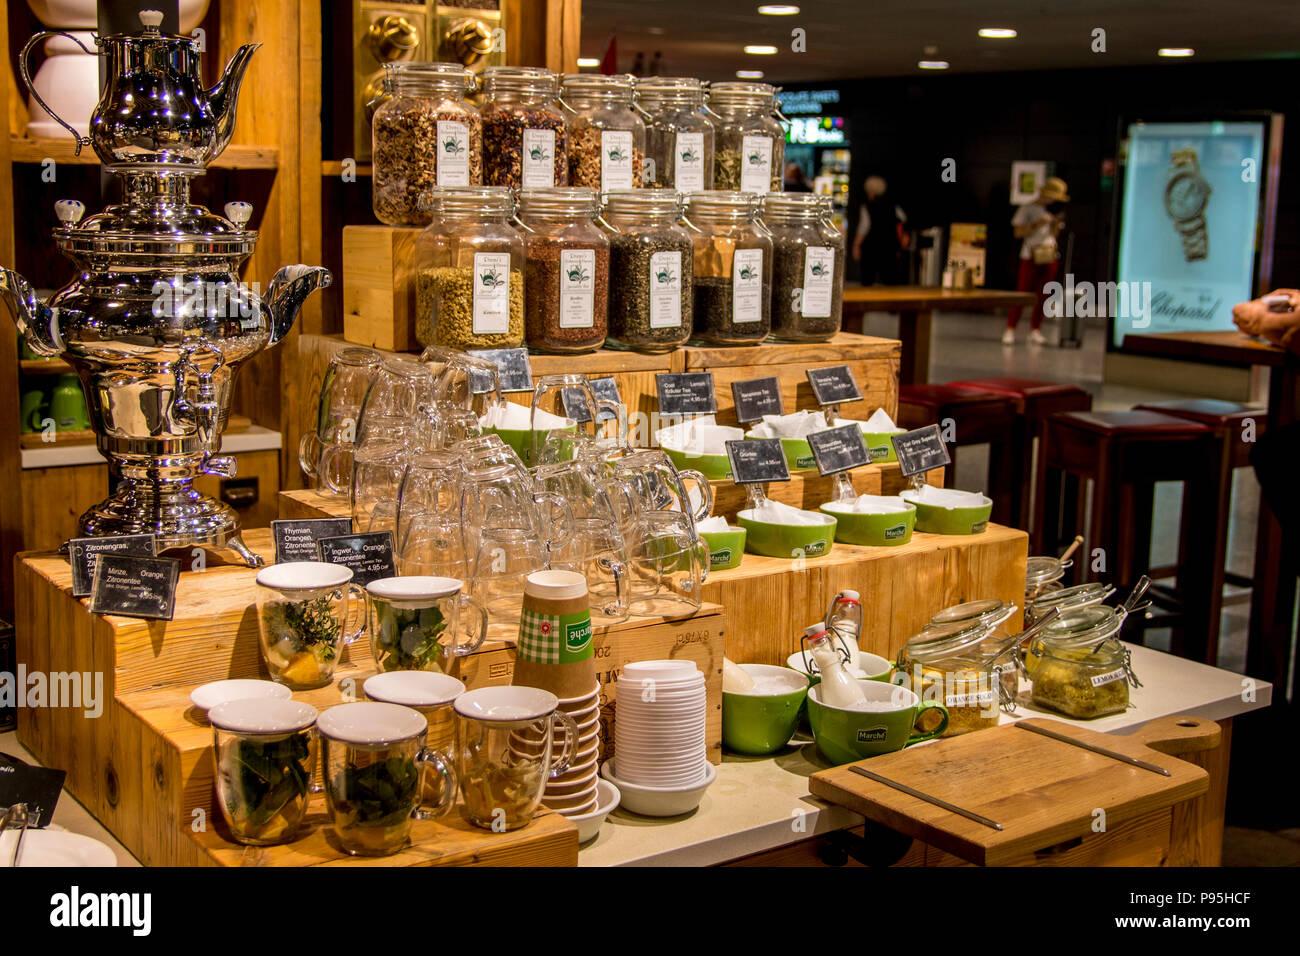 tea display stock photos tea display stock images alamy